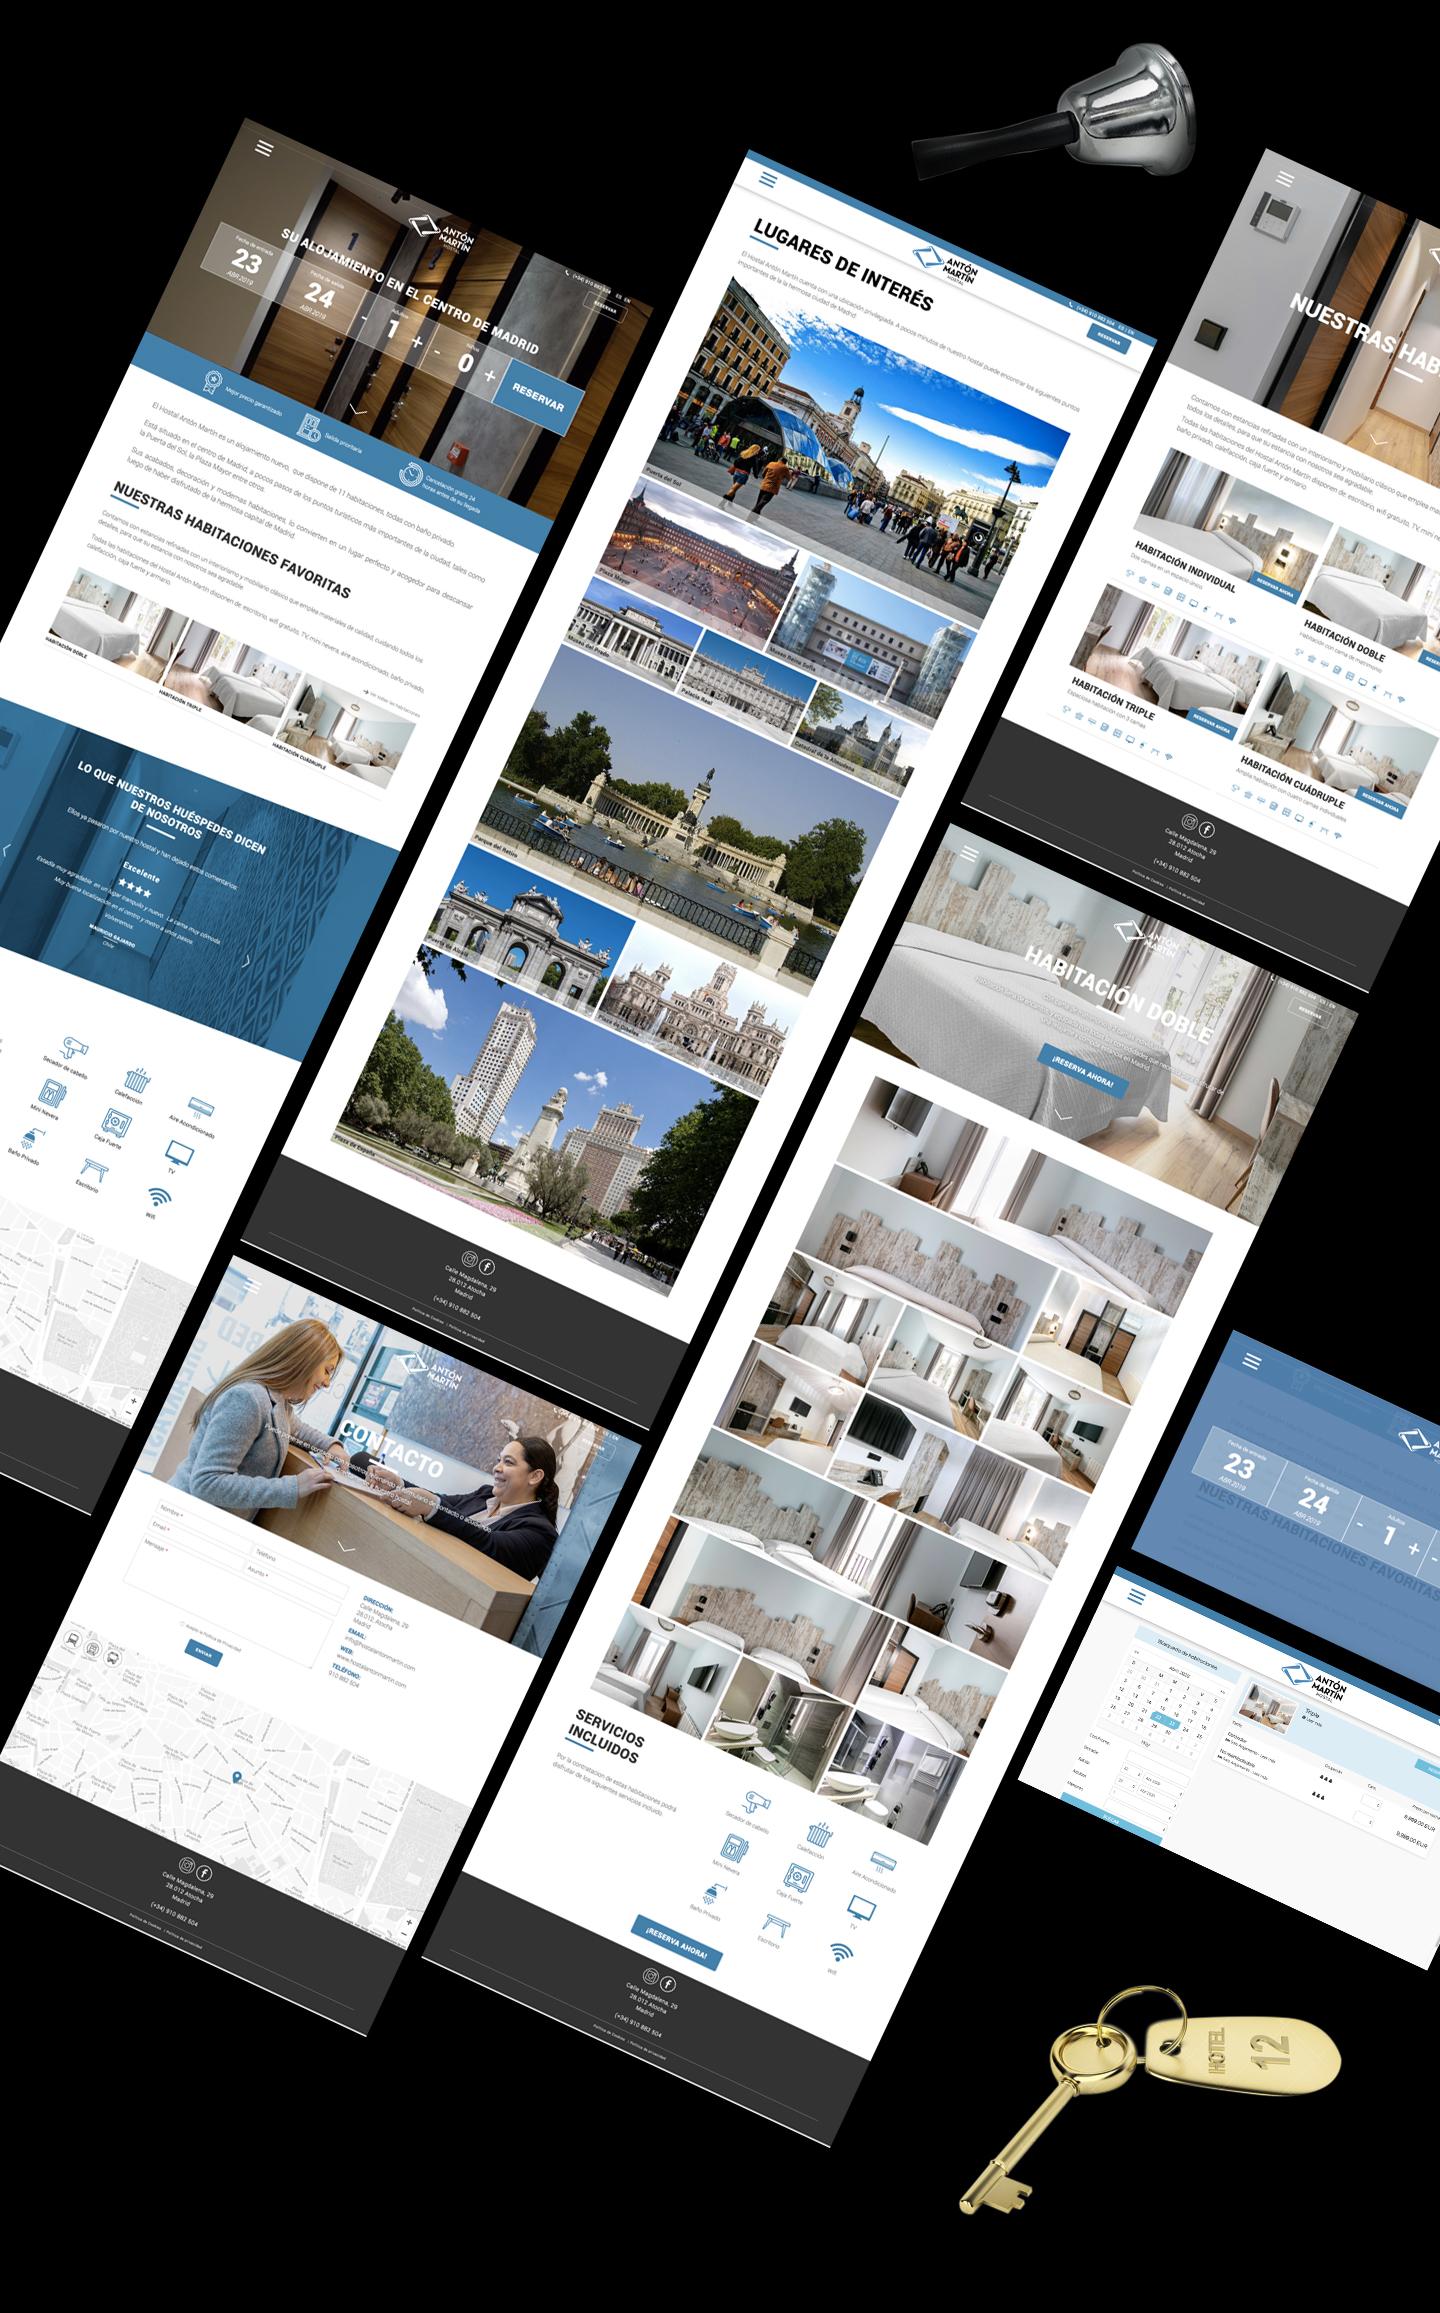 Diseño y desarrollo de página web a medida en Murcia, Madrid y Panamá City | Nómadas Comunicación Creativa.